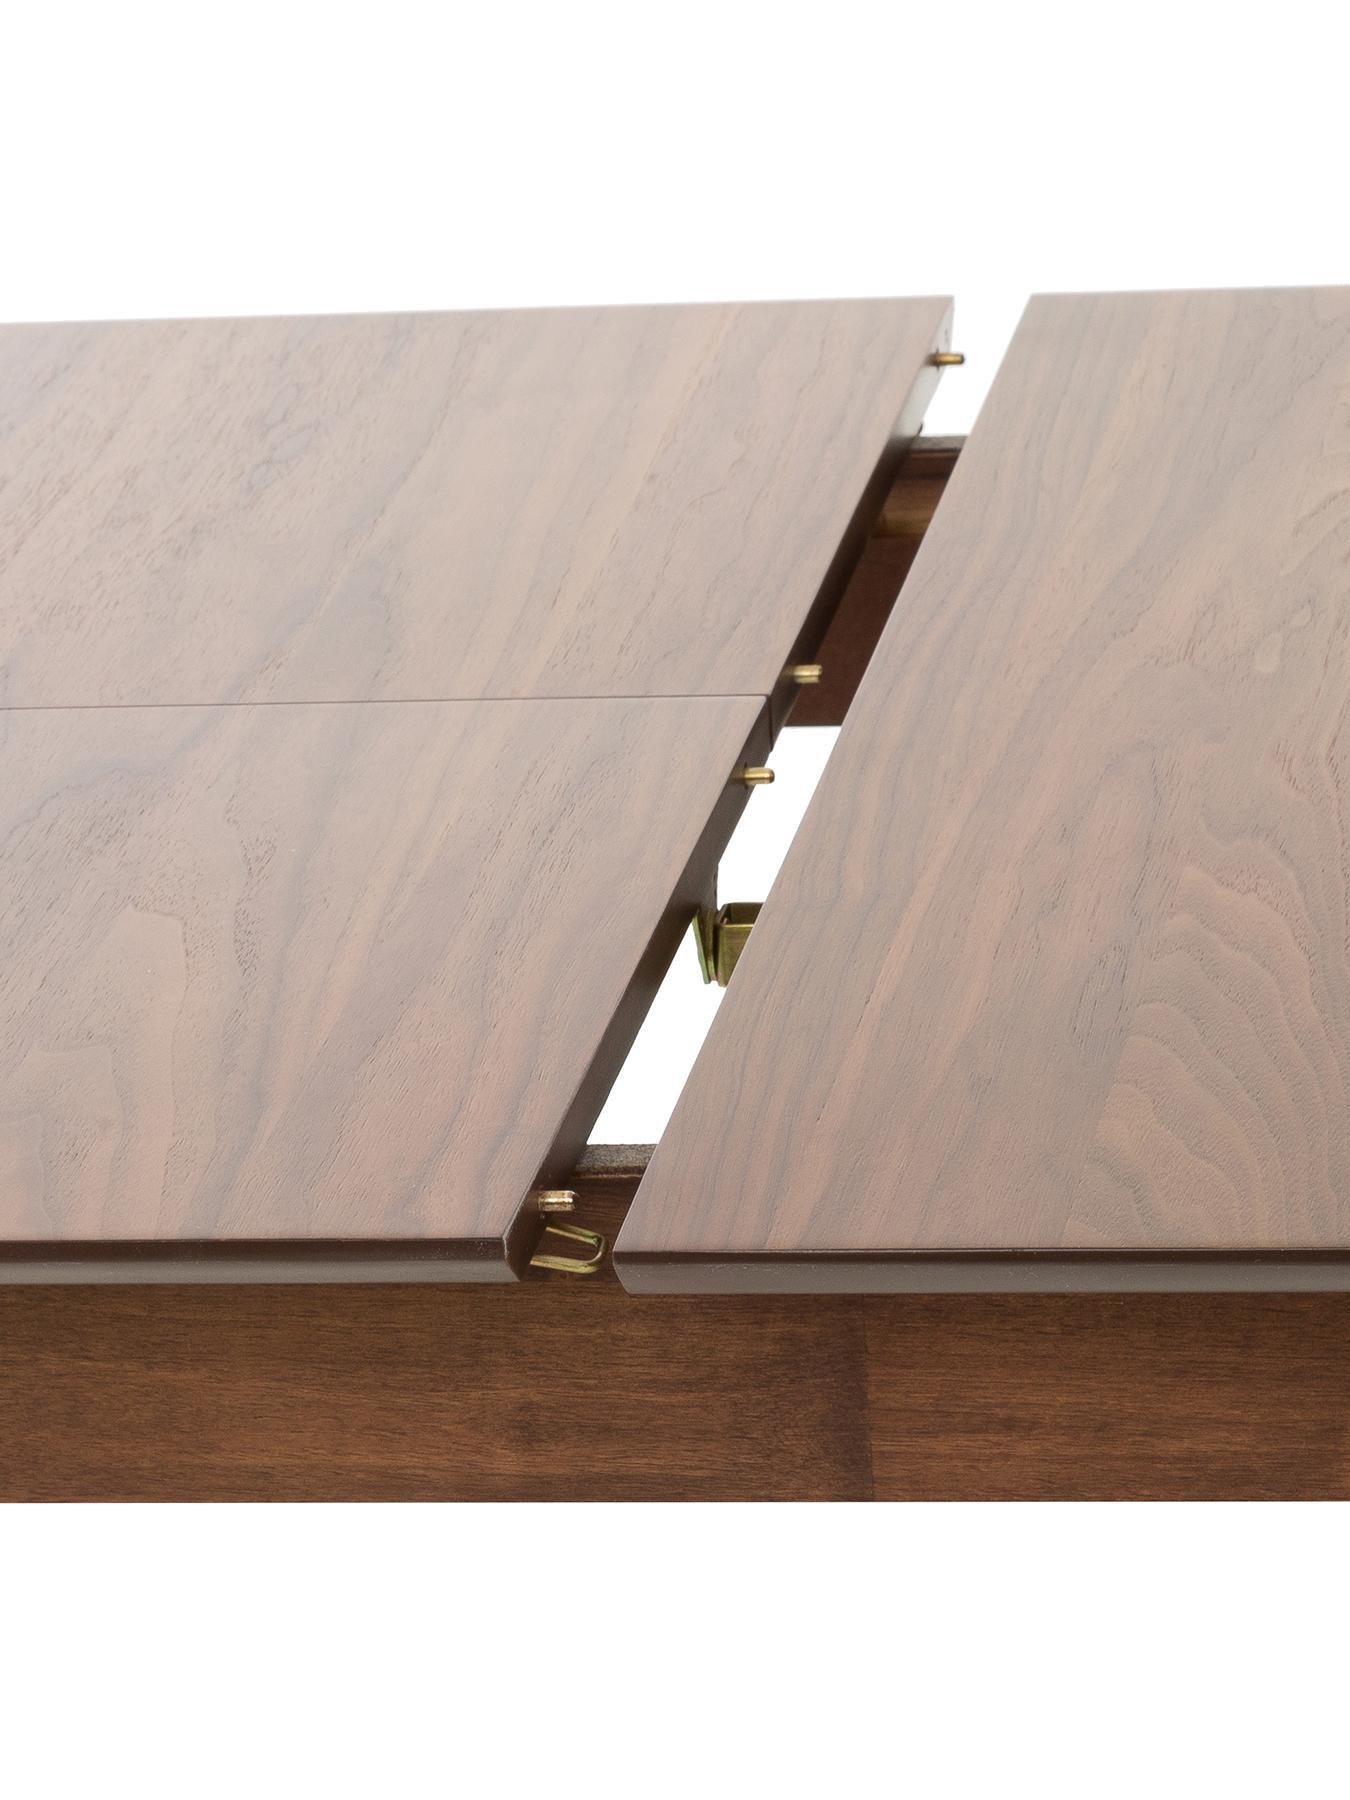 Ausziehbarer Esstisch Montreux, Tischplatte: Mitteldichte Holzfaserpla, Beine: Gummibaumholz, gebeizt, Tischplatte: Walnuss  Beine: Dunkelbraun gebeizt, B 180 bis 220 x T 90 cm